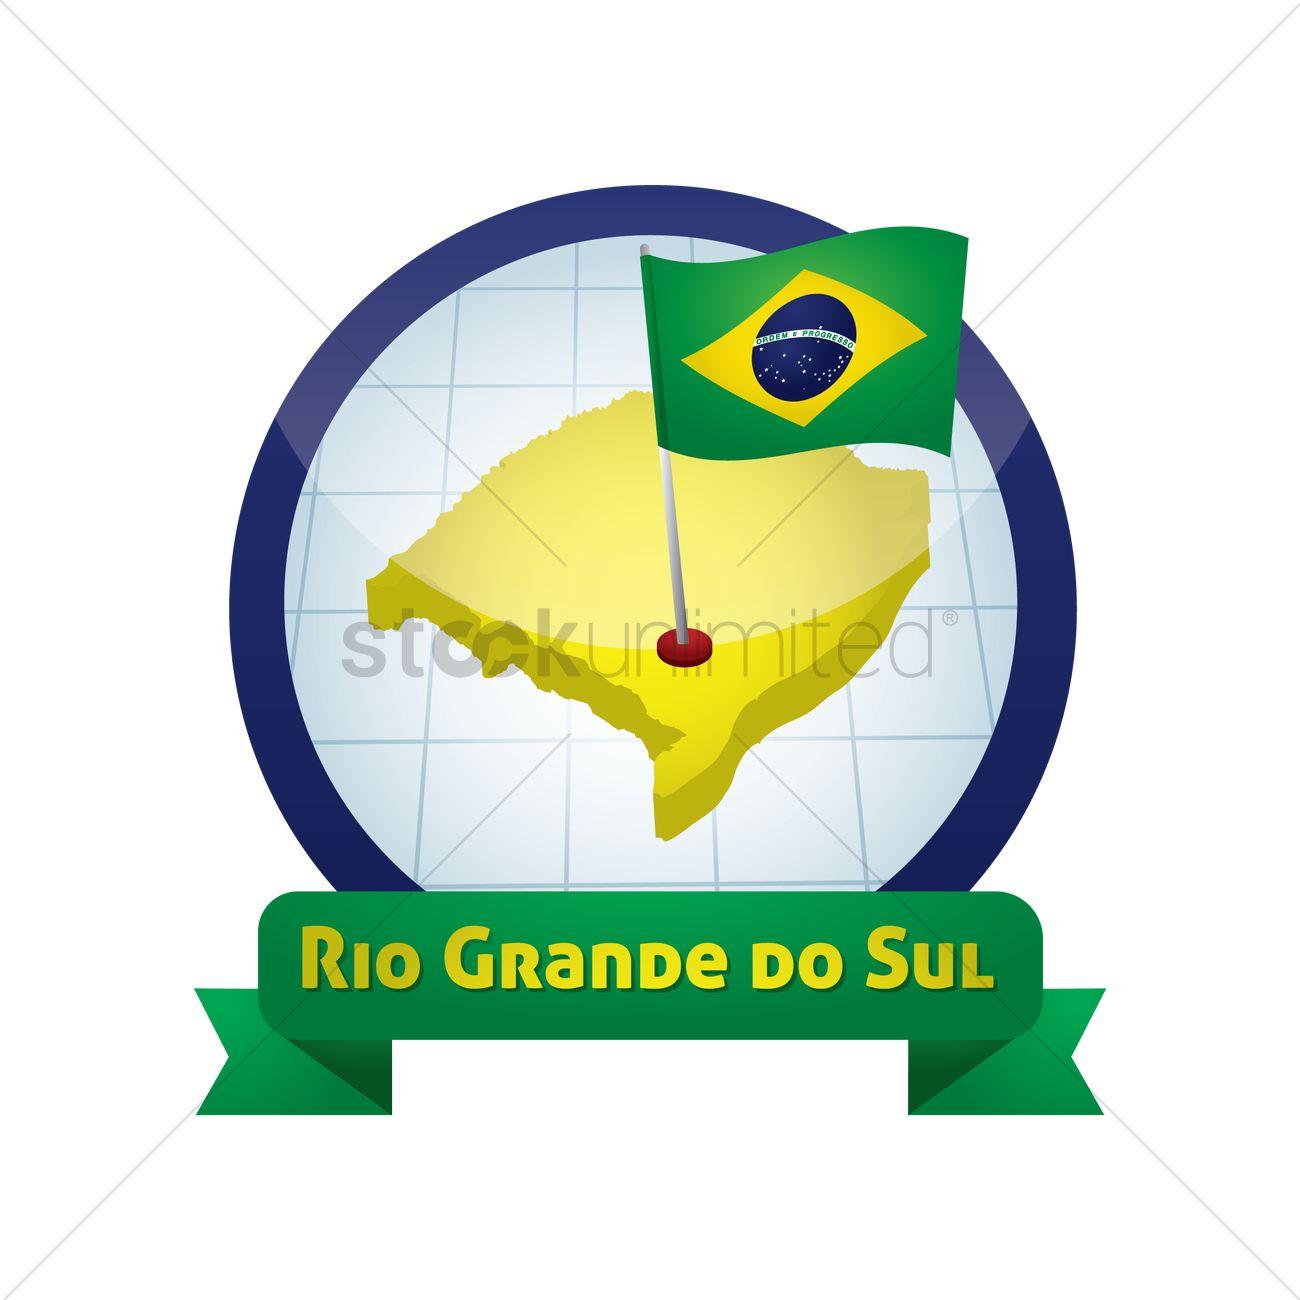 Rio grande do sul map Vector Image.